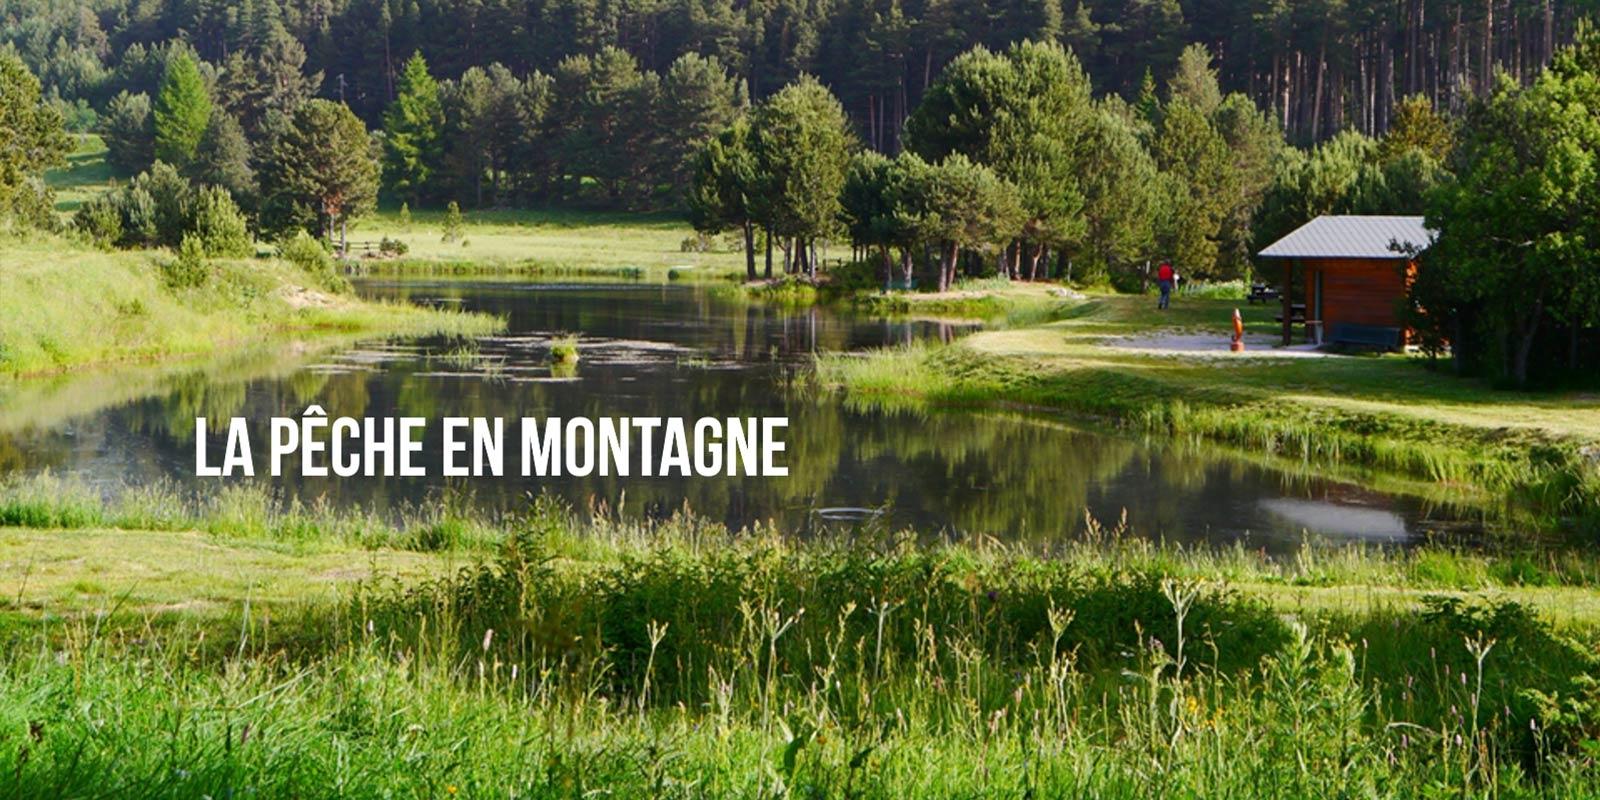 (Français) La pêche en montagne